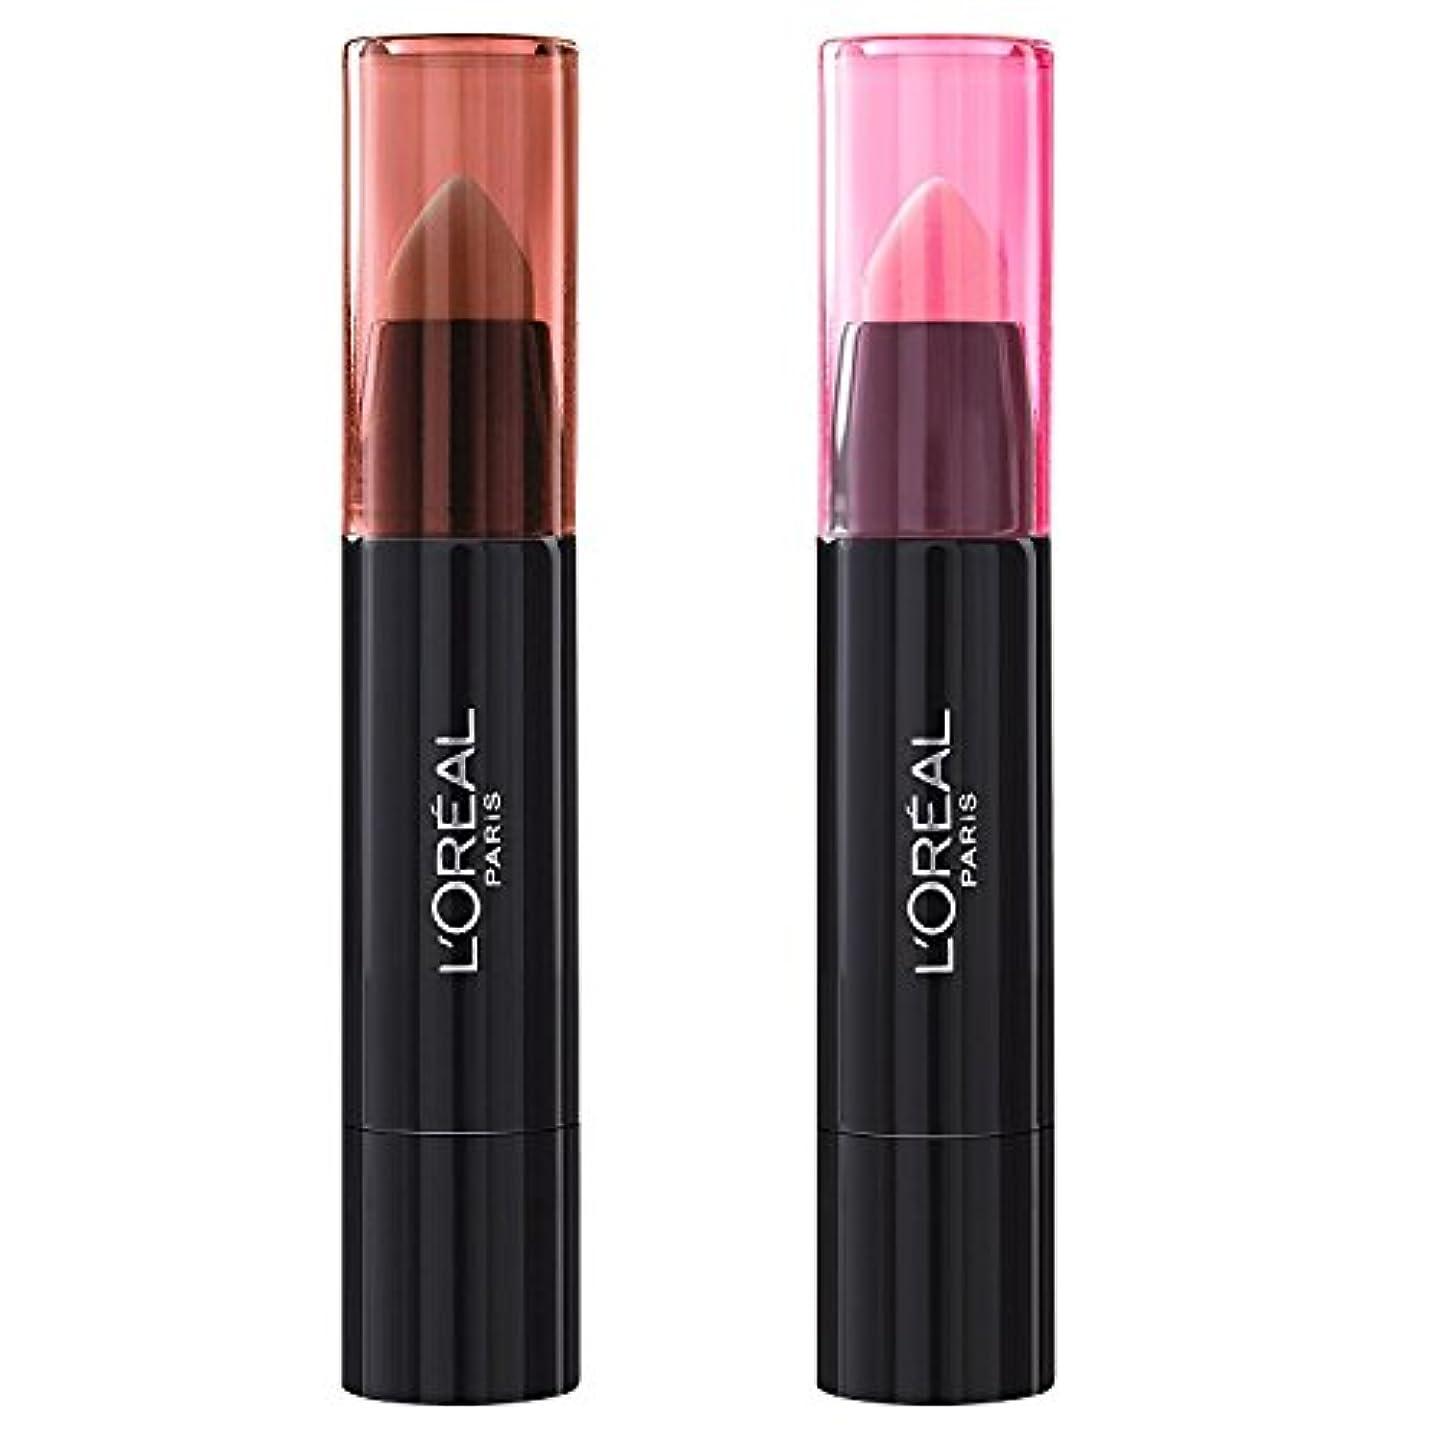 とげ退屈偏心L'Oréal Paris Lippenbalsam INFAILLIBLE SEXY BALM - 108 Whaaat? + 101 We Wear Pink (2 Stück)